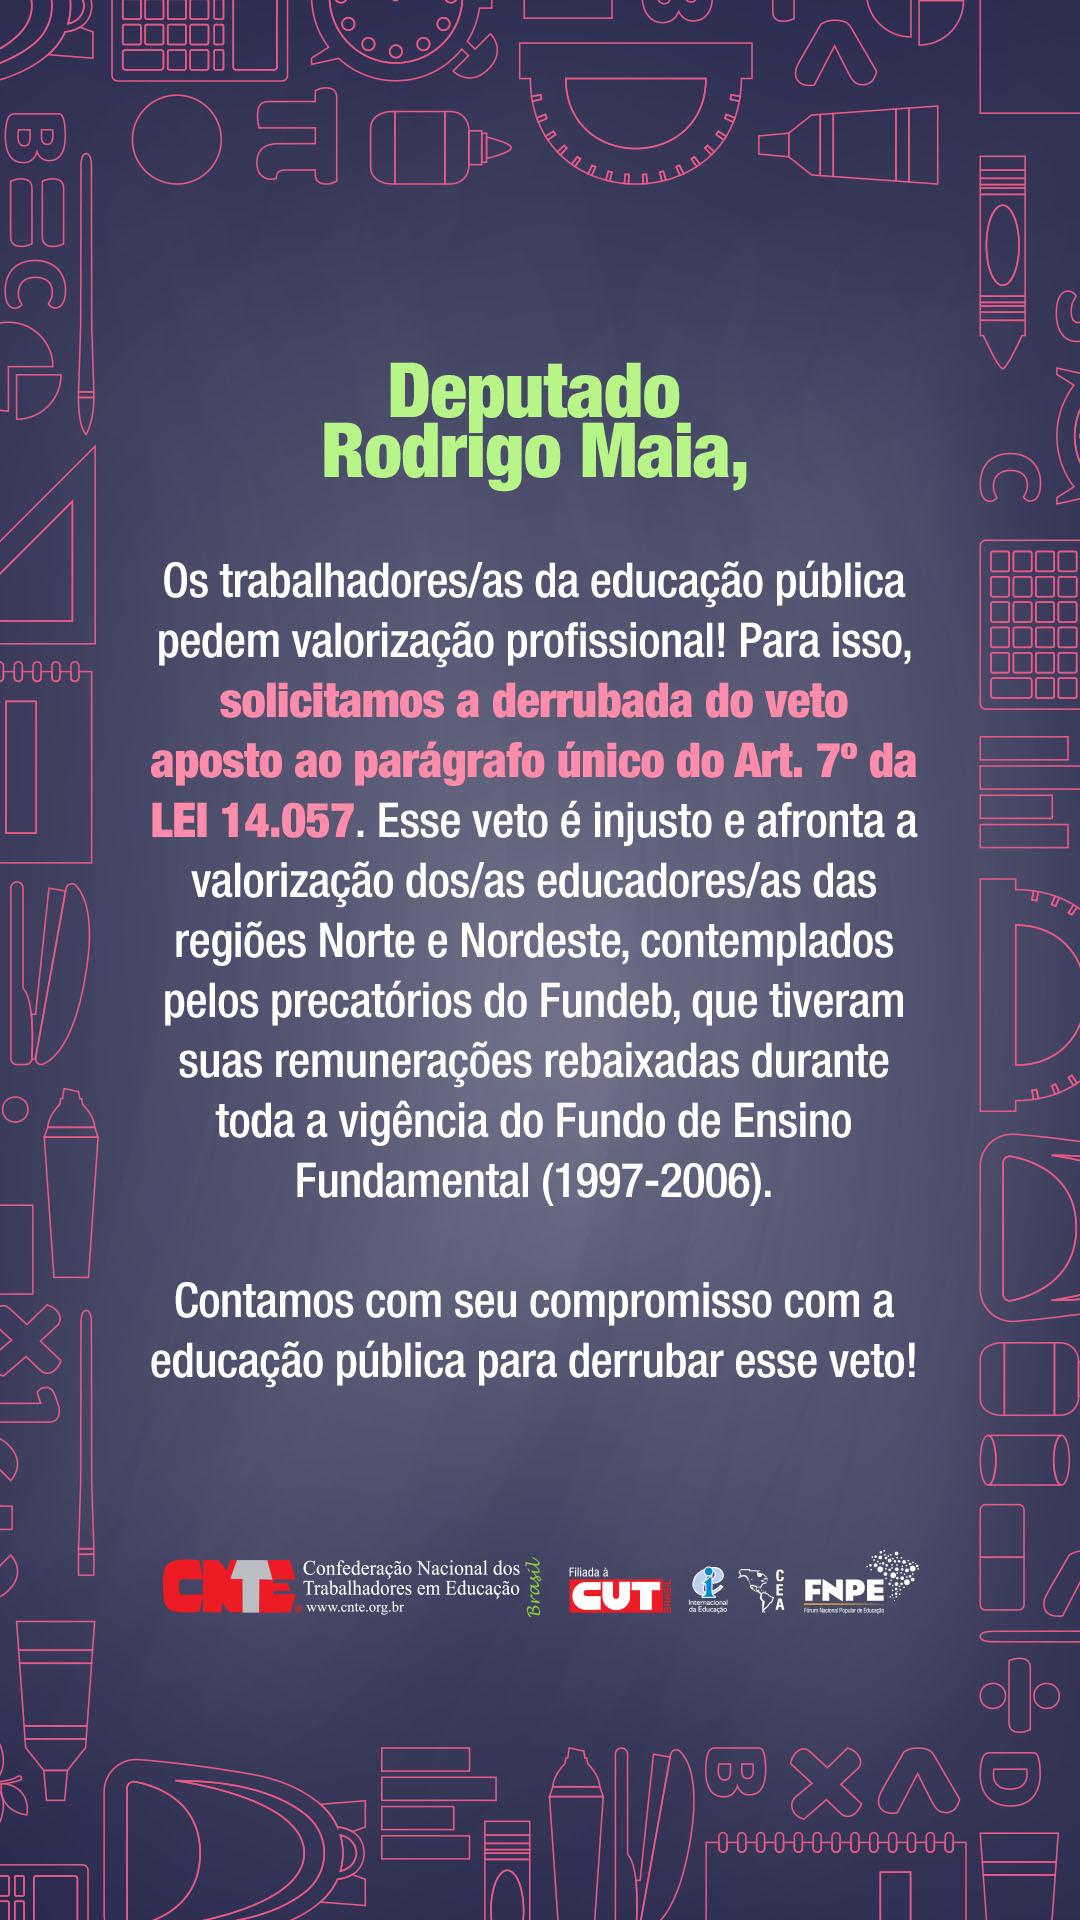 cnte derrubada vetos precatoriosDep Rodrigo Maia Emailmkt1